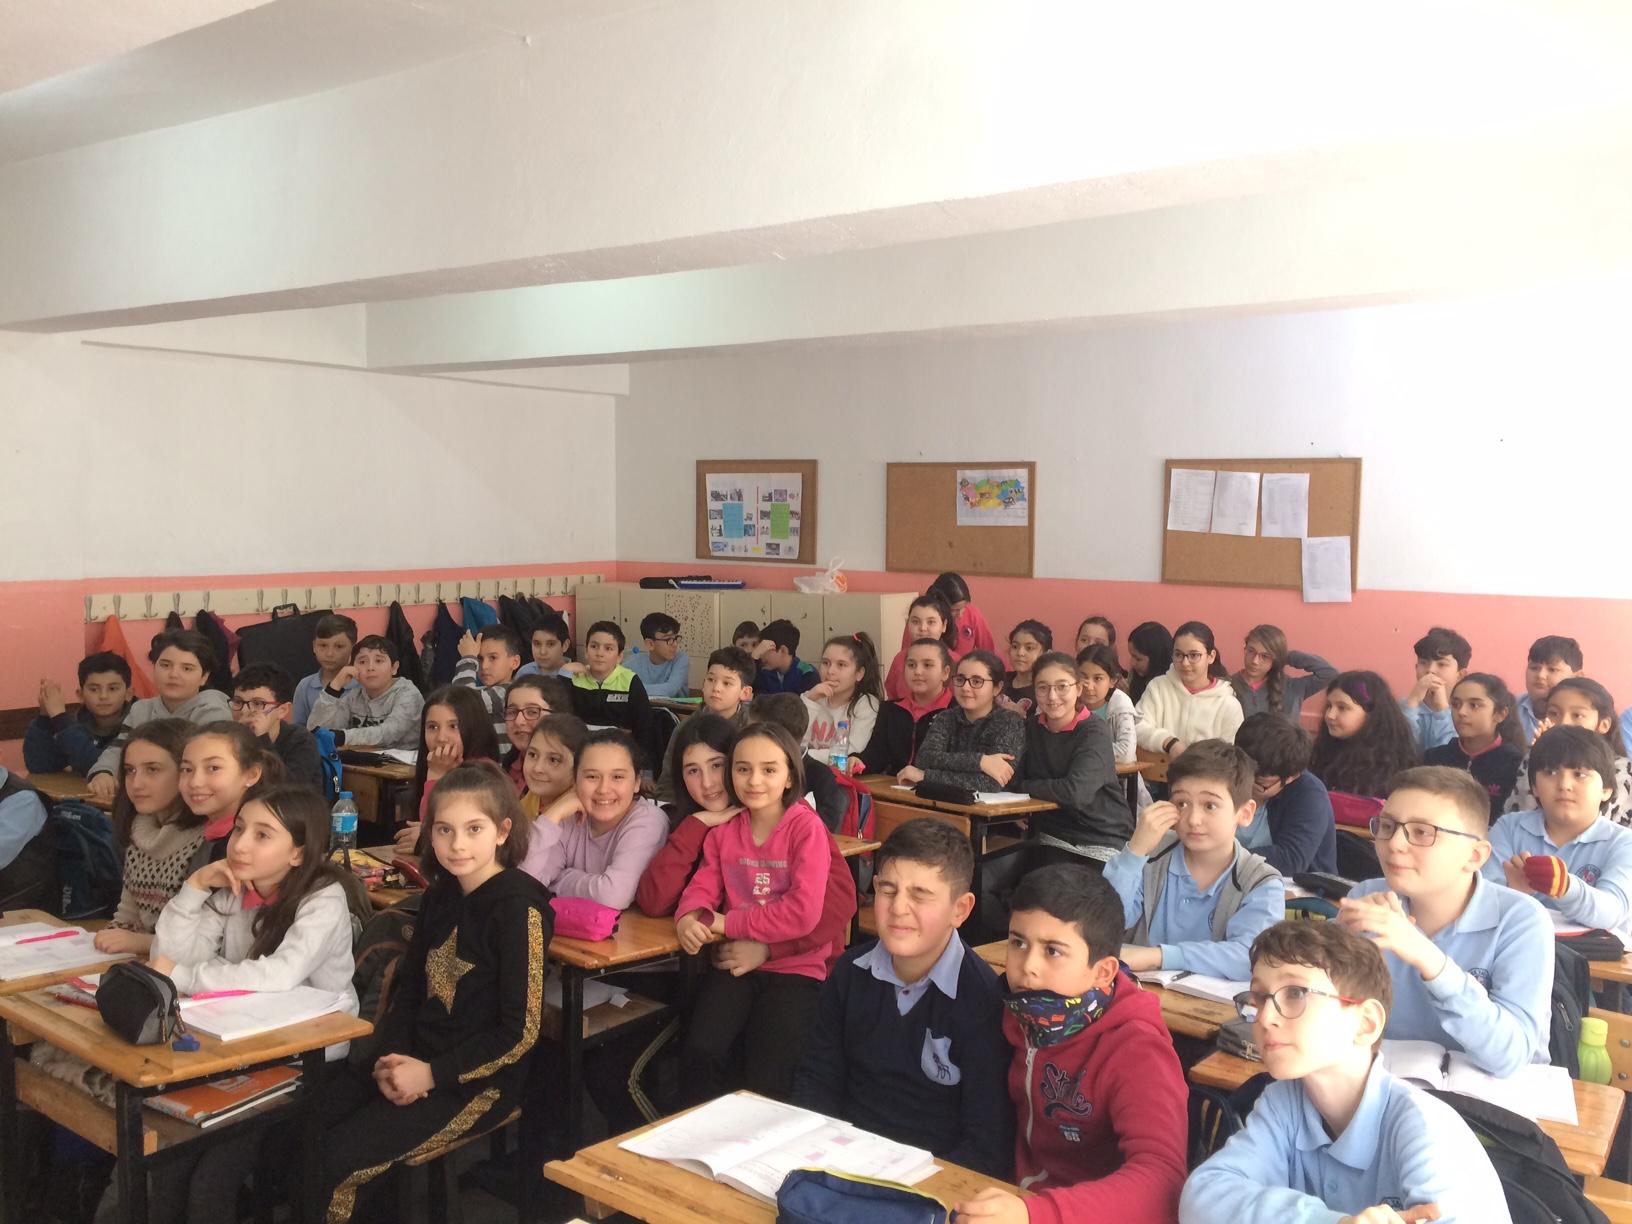 Hendekyanı Ortaokulu'nda Sıfır Atık Konulu Eğitim Verildi